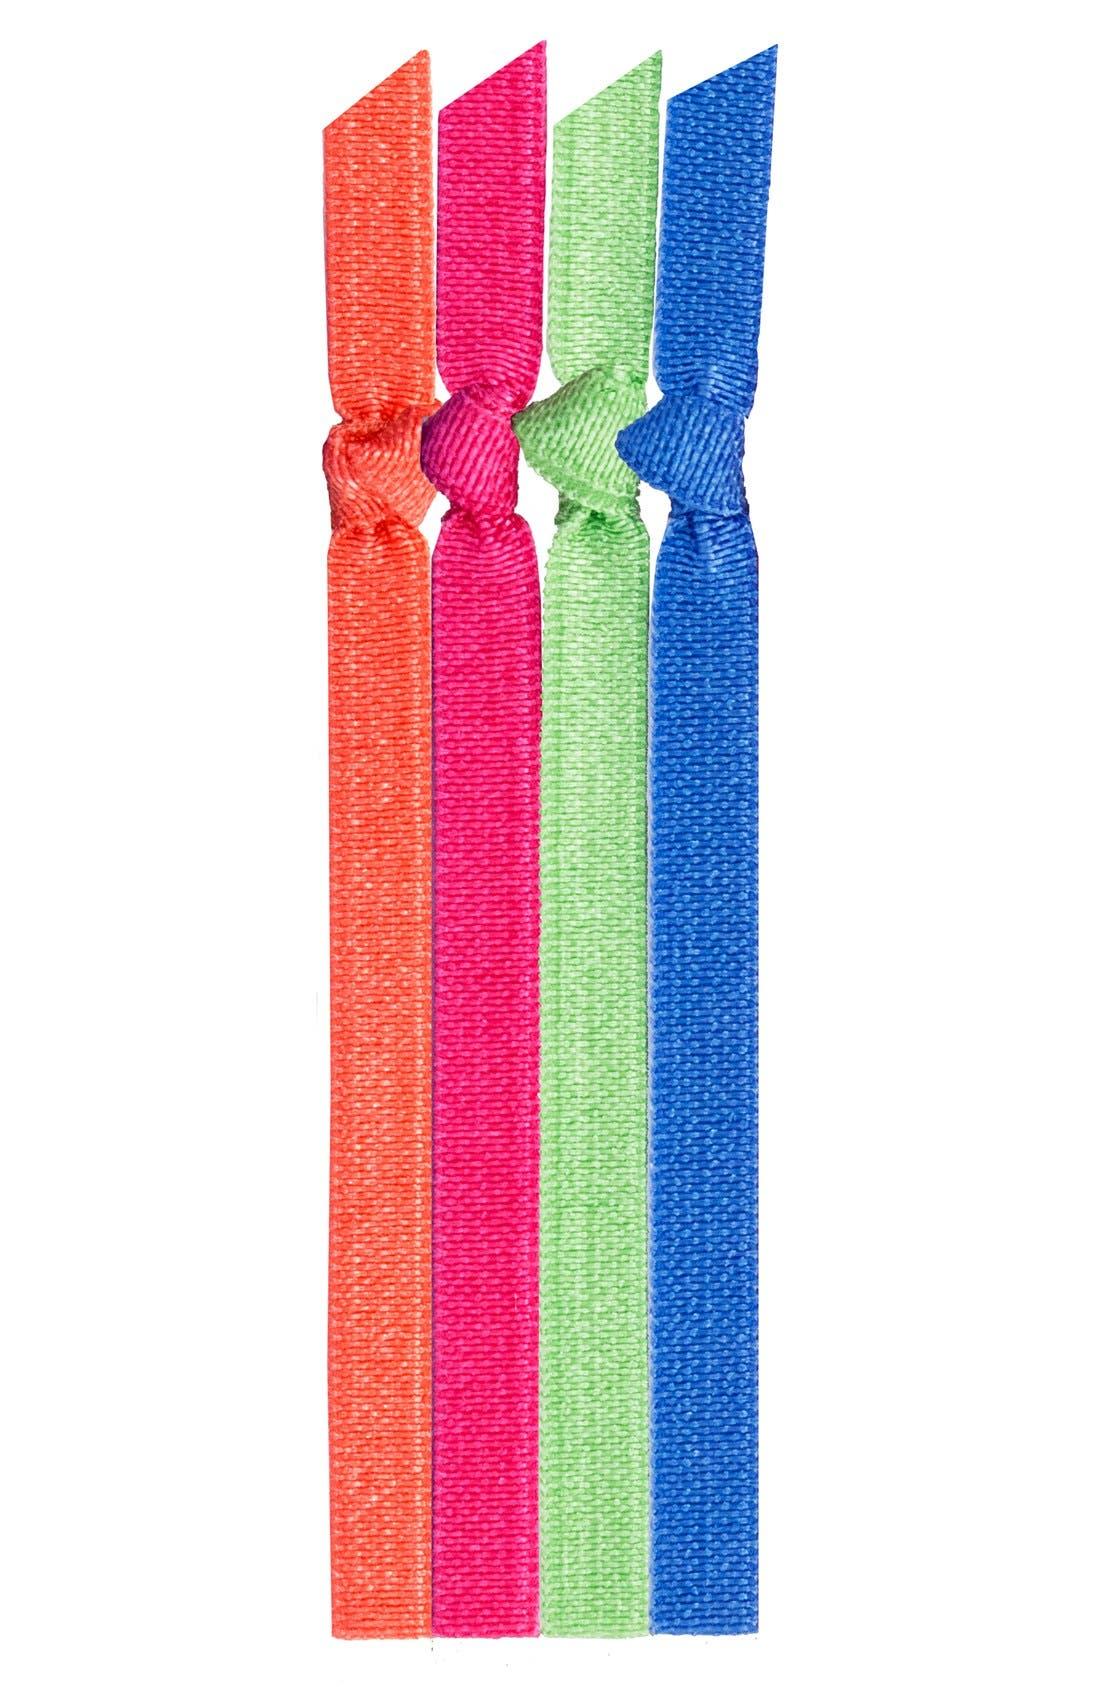 Main Image - Emi-Jay 'Sweet Tart' Skinny Hair Ties (4-Pack) (Buy 2, Get 1)